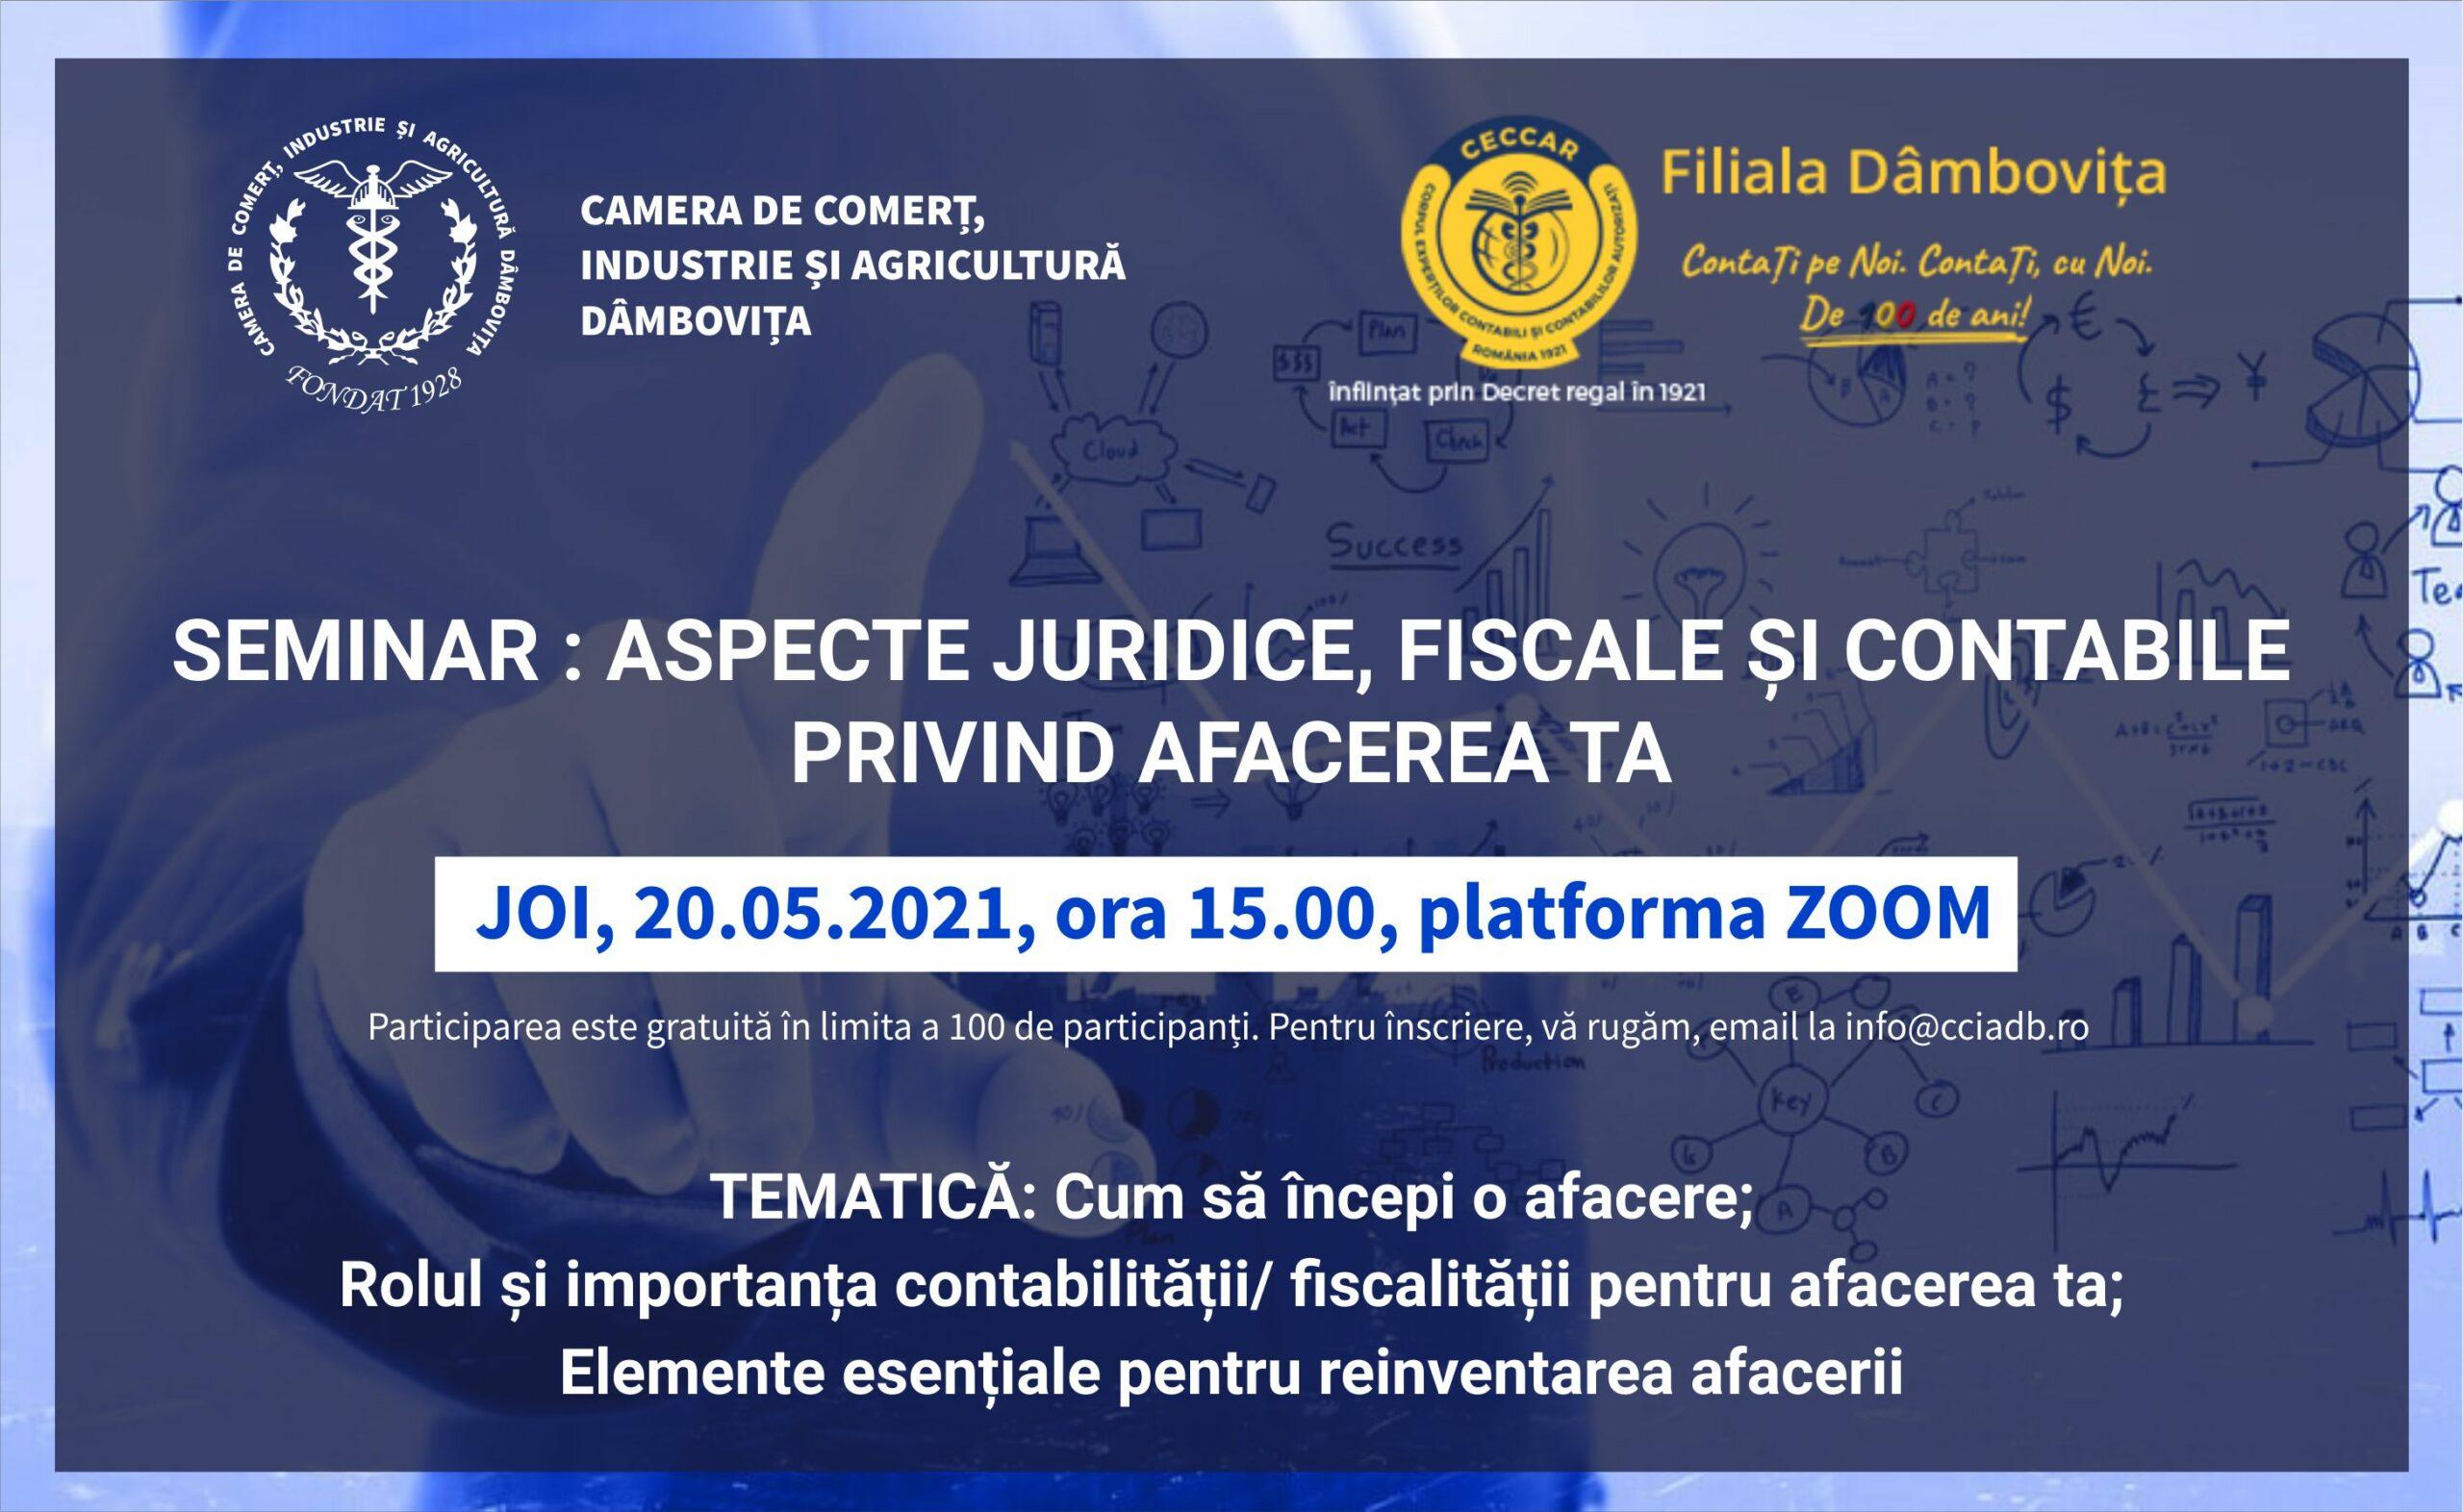 Seminar: ASPECTE JURIDICE, FISCALE ȘI CONTABILE PRIVIND AFACEREA TA